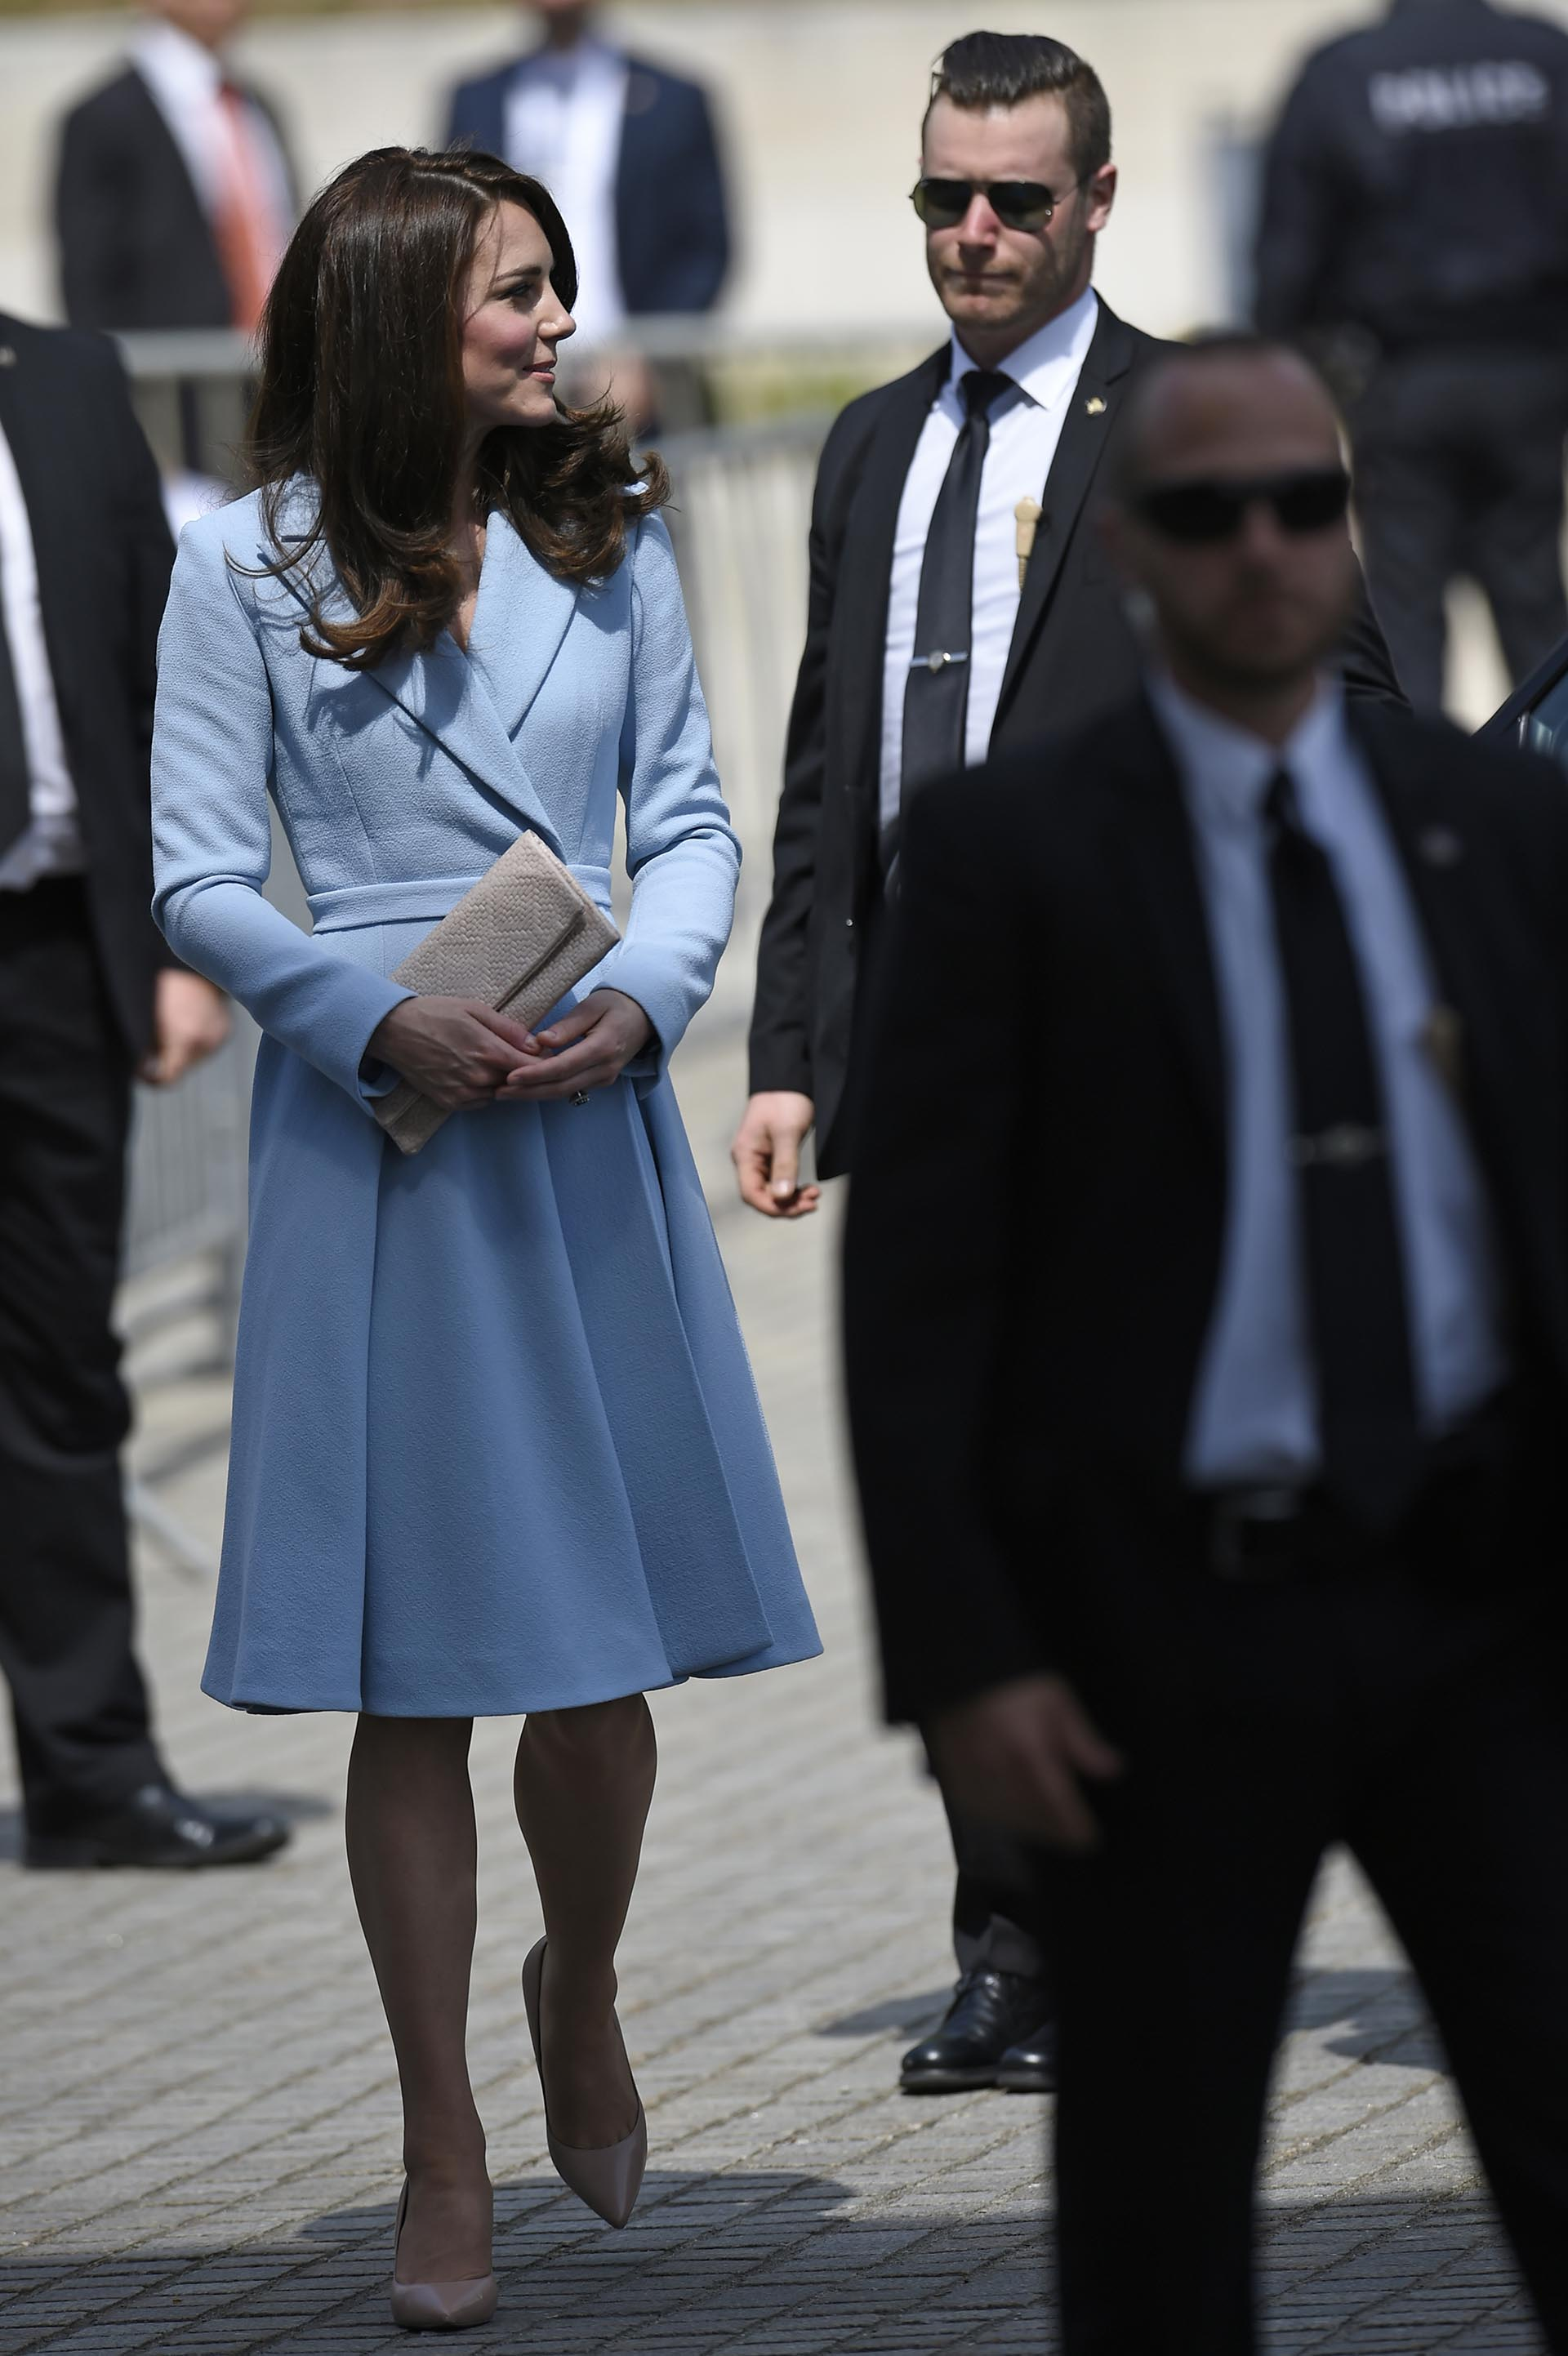 Catalina camina en medio de un fuerte operativo de seguridad